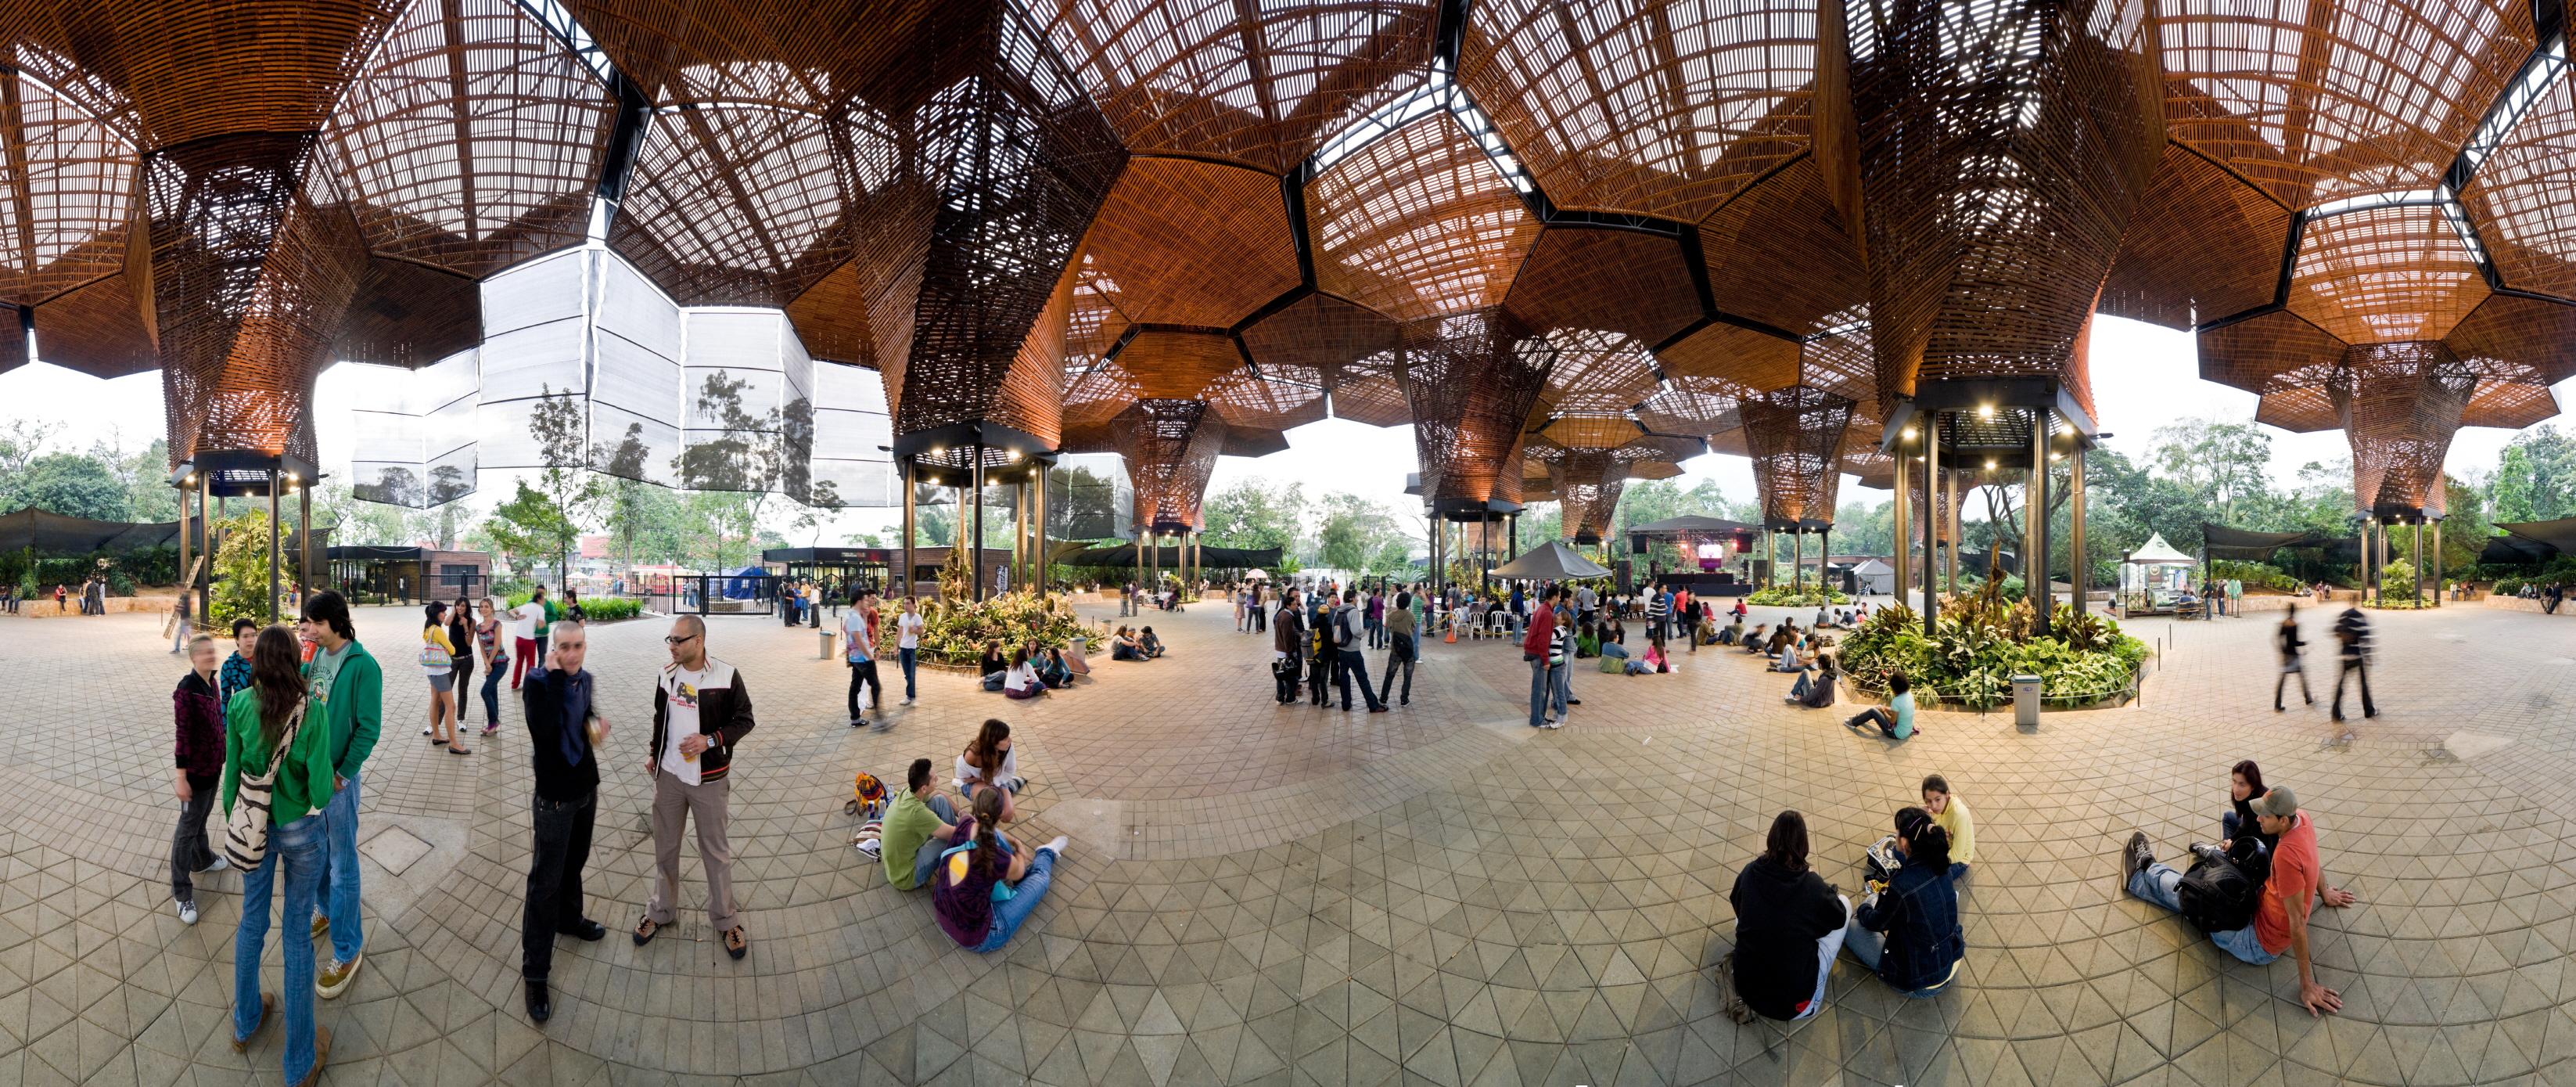 〔안정원의 디자인 칼럼〕 기후 생물학적 패턴을 통해 만들어진 벌집 모양의 정원 공공구조물